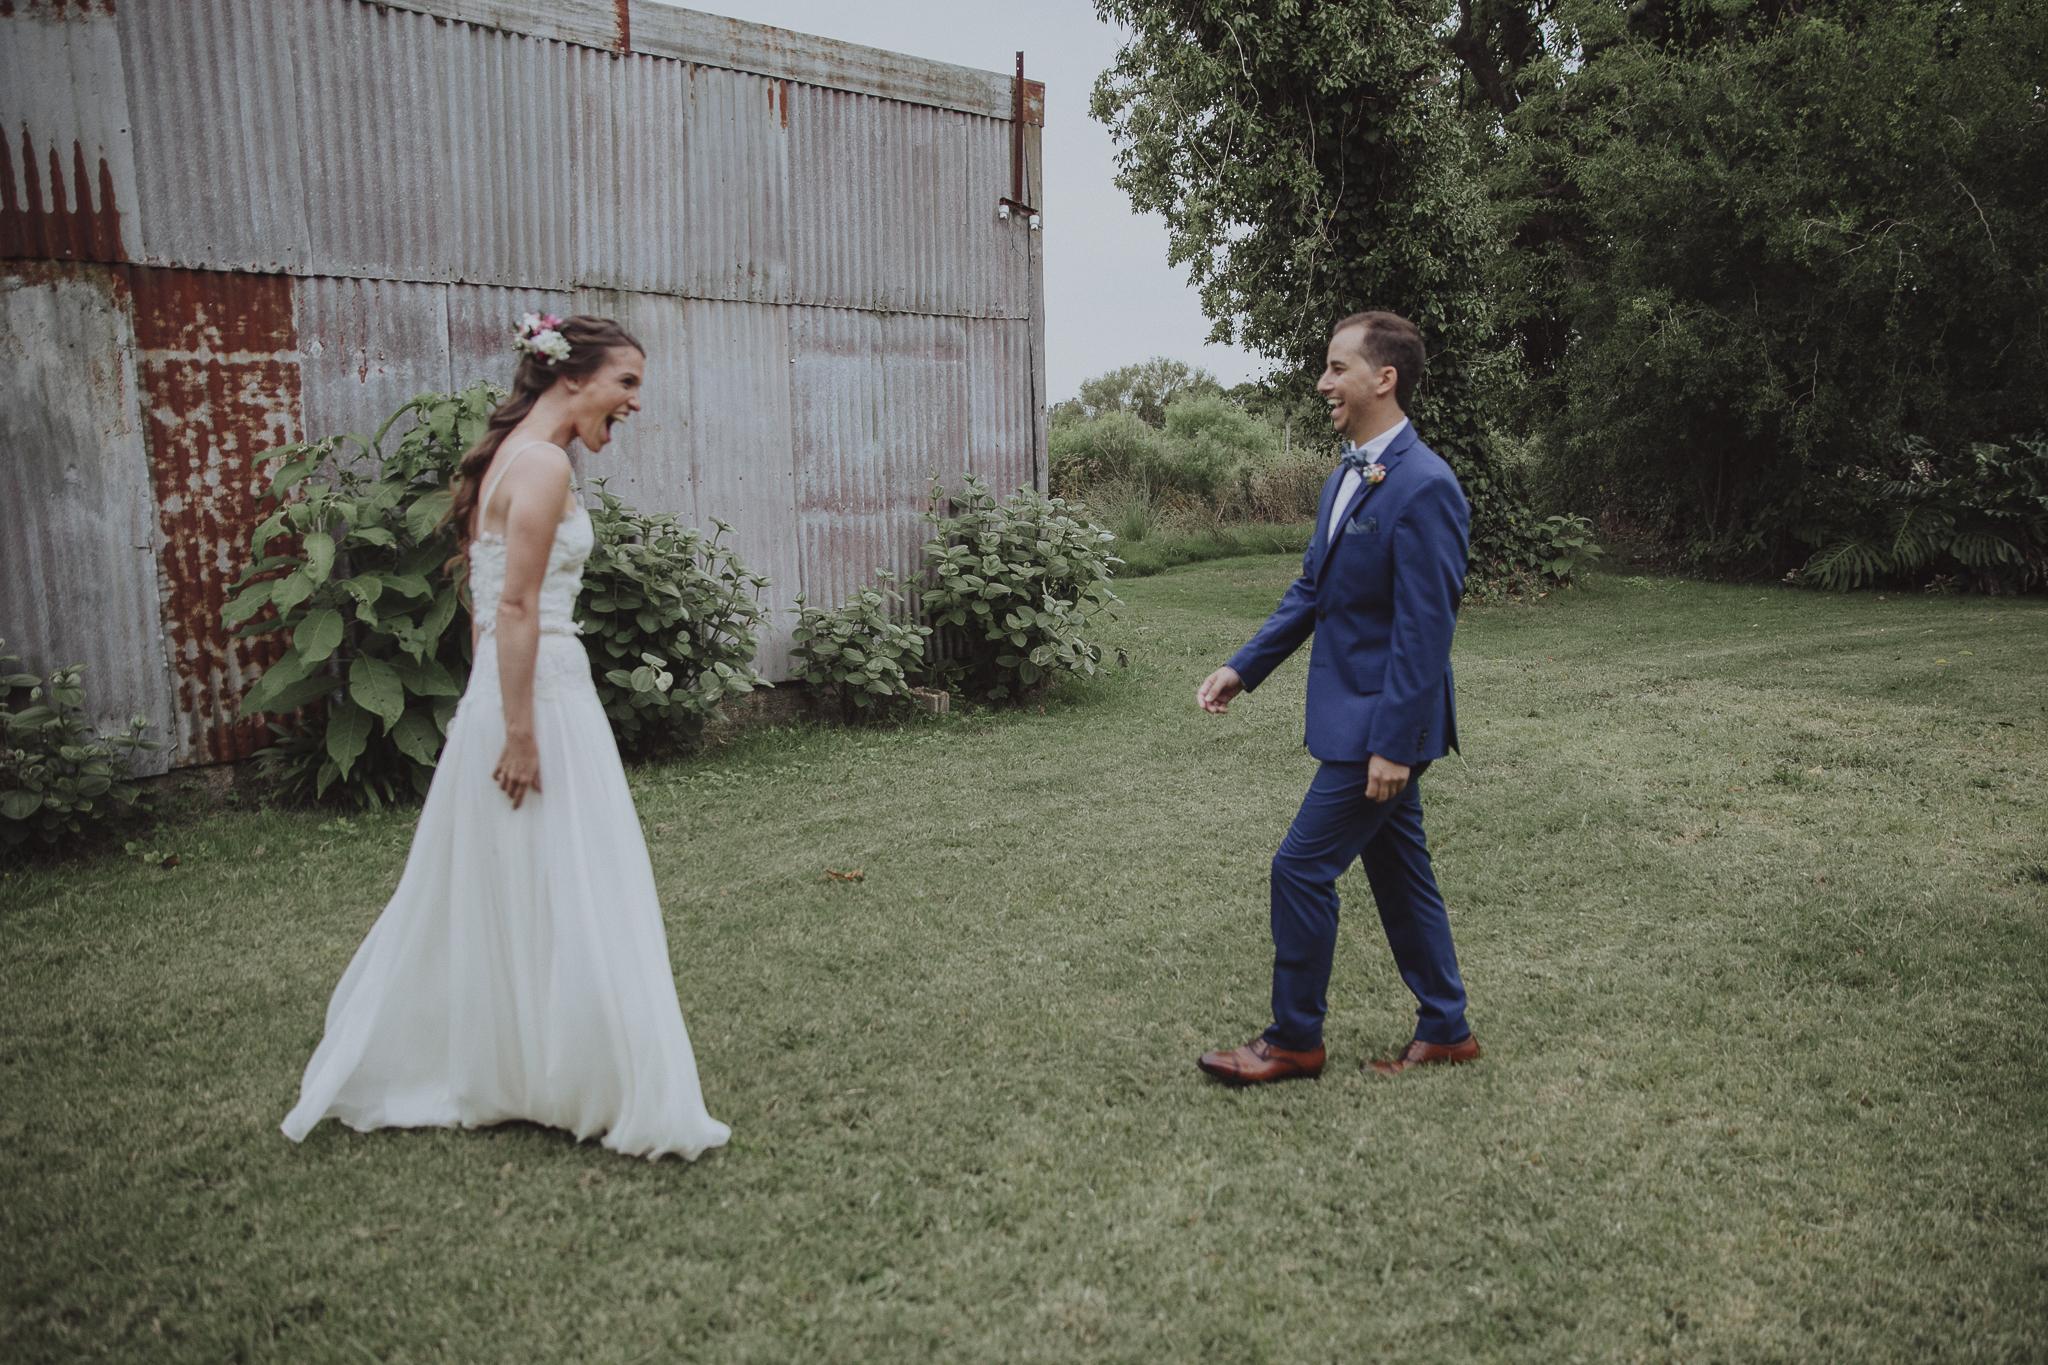 first look- bodas unicas - fotografia de bodas uruguay